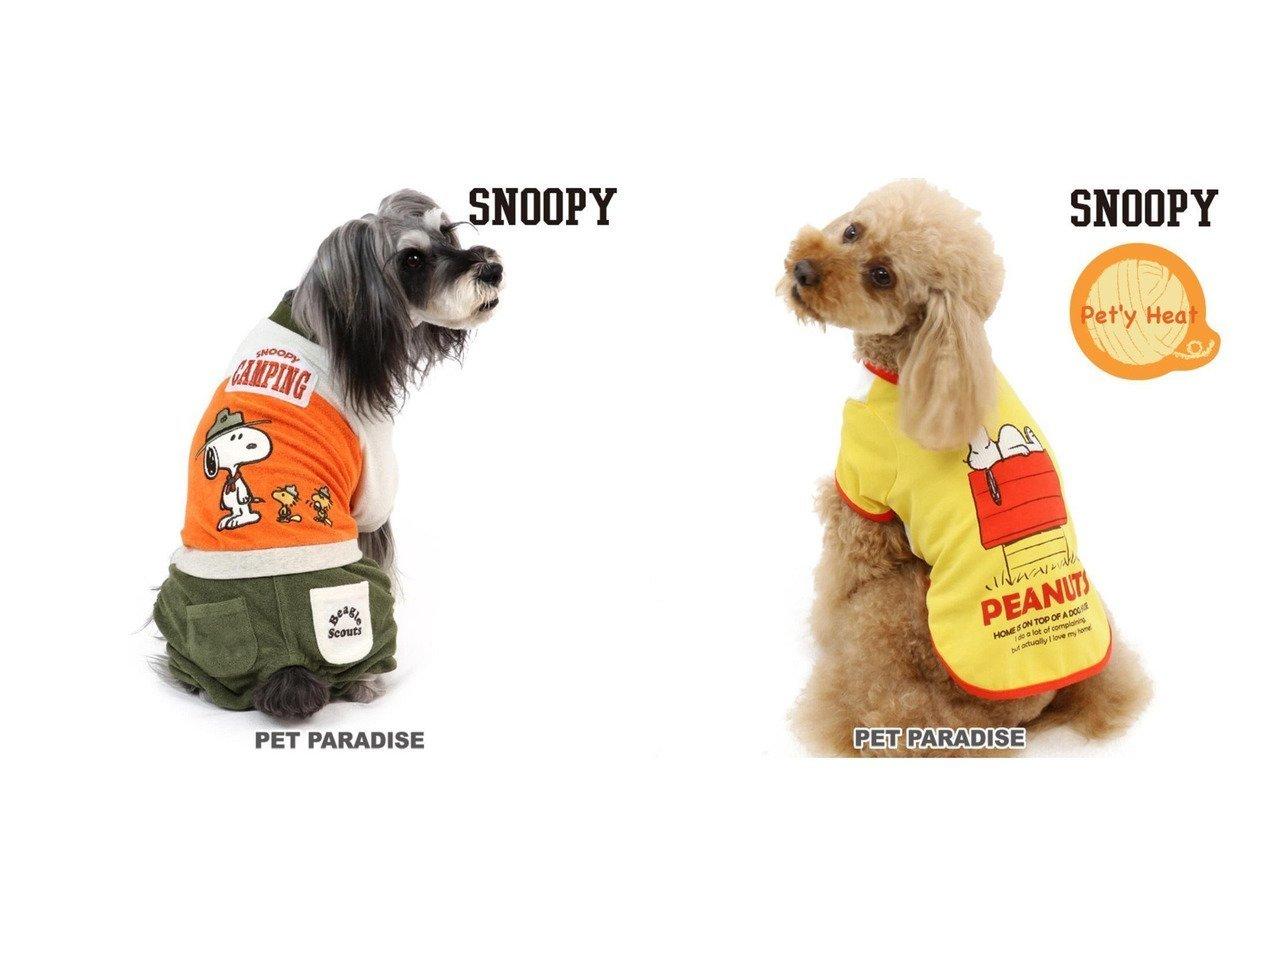 【PET PARADISE/ペットパラダイス】のスヌーピー ビーグルスカウト柄 サーモキープロンパース〔小型犬〕&スヌーピー 赤屋根 ペティヒート Tシャツ〔中・大型犬〕 おすすめ!人気、ペットグッズの通販 おすすめで人気の流行・トレンド、ファッションの通販商品 メンズファッション・キッズファッション・インテリア・家具・レディースファッション・服の通販 founy(ファニー) https://founy.com/ 犬 Dog ホームグッズ Home/Garden ペットグッズ Pet Supplies  ID:crp329100000032790